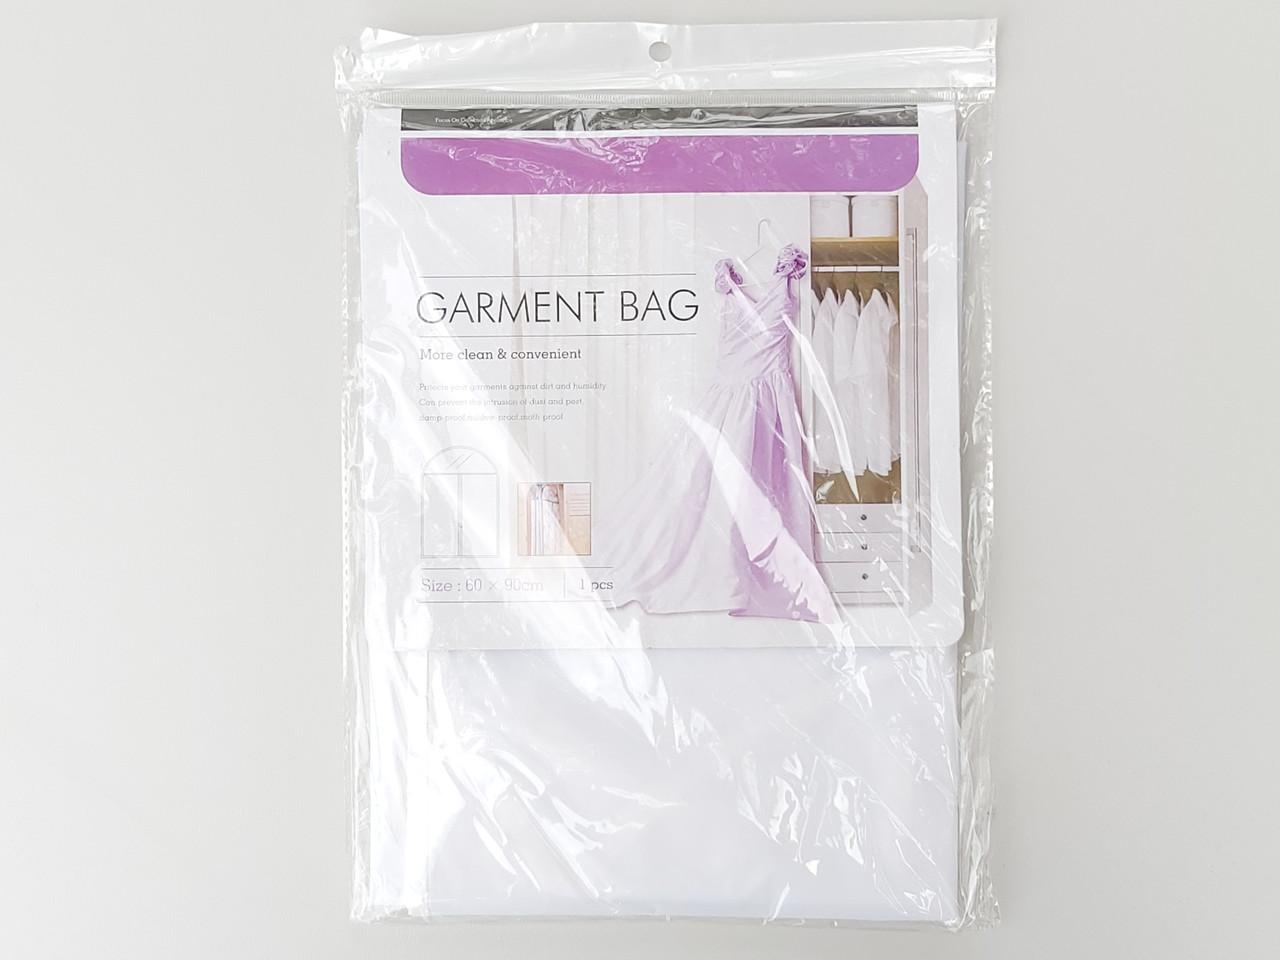 Чехол для хранения одежды плащевка бело-прозрачного цвета. Размер 60х90 cм